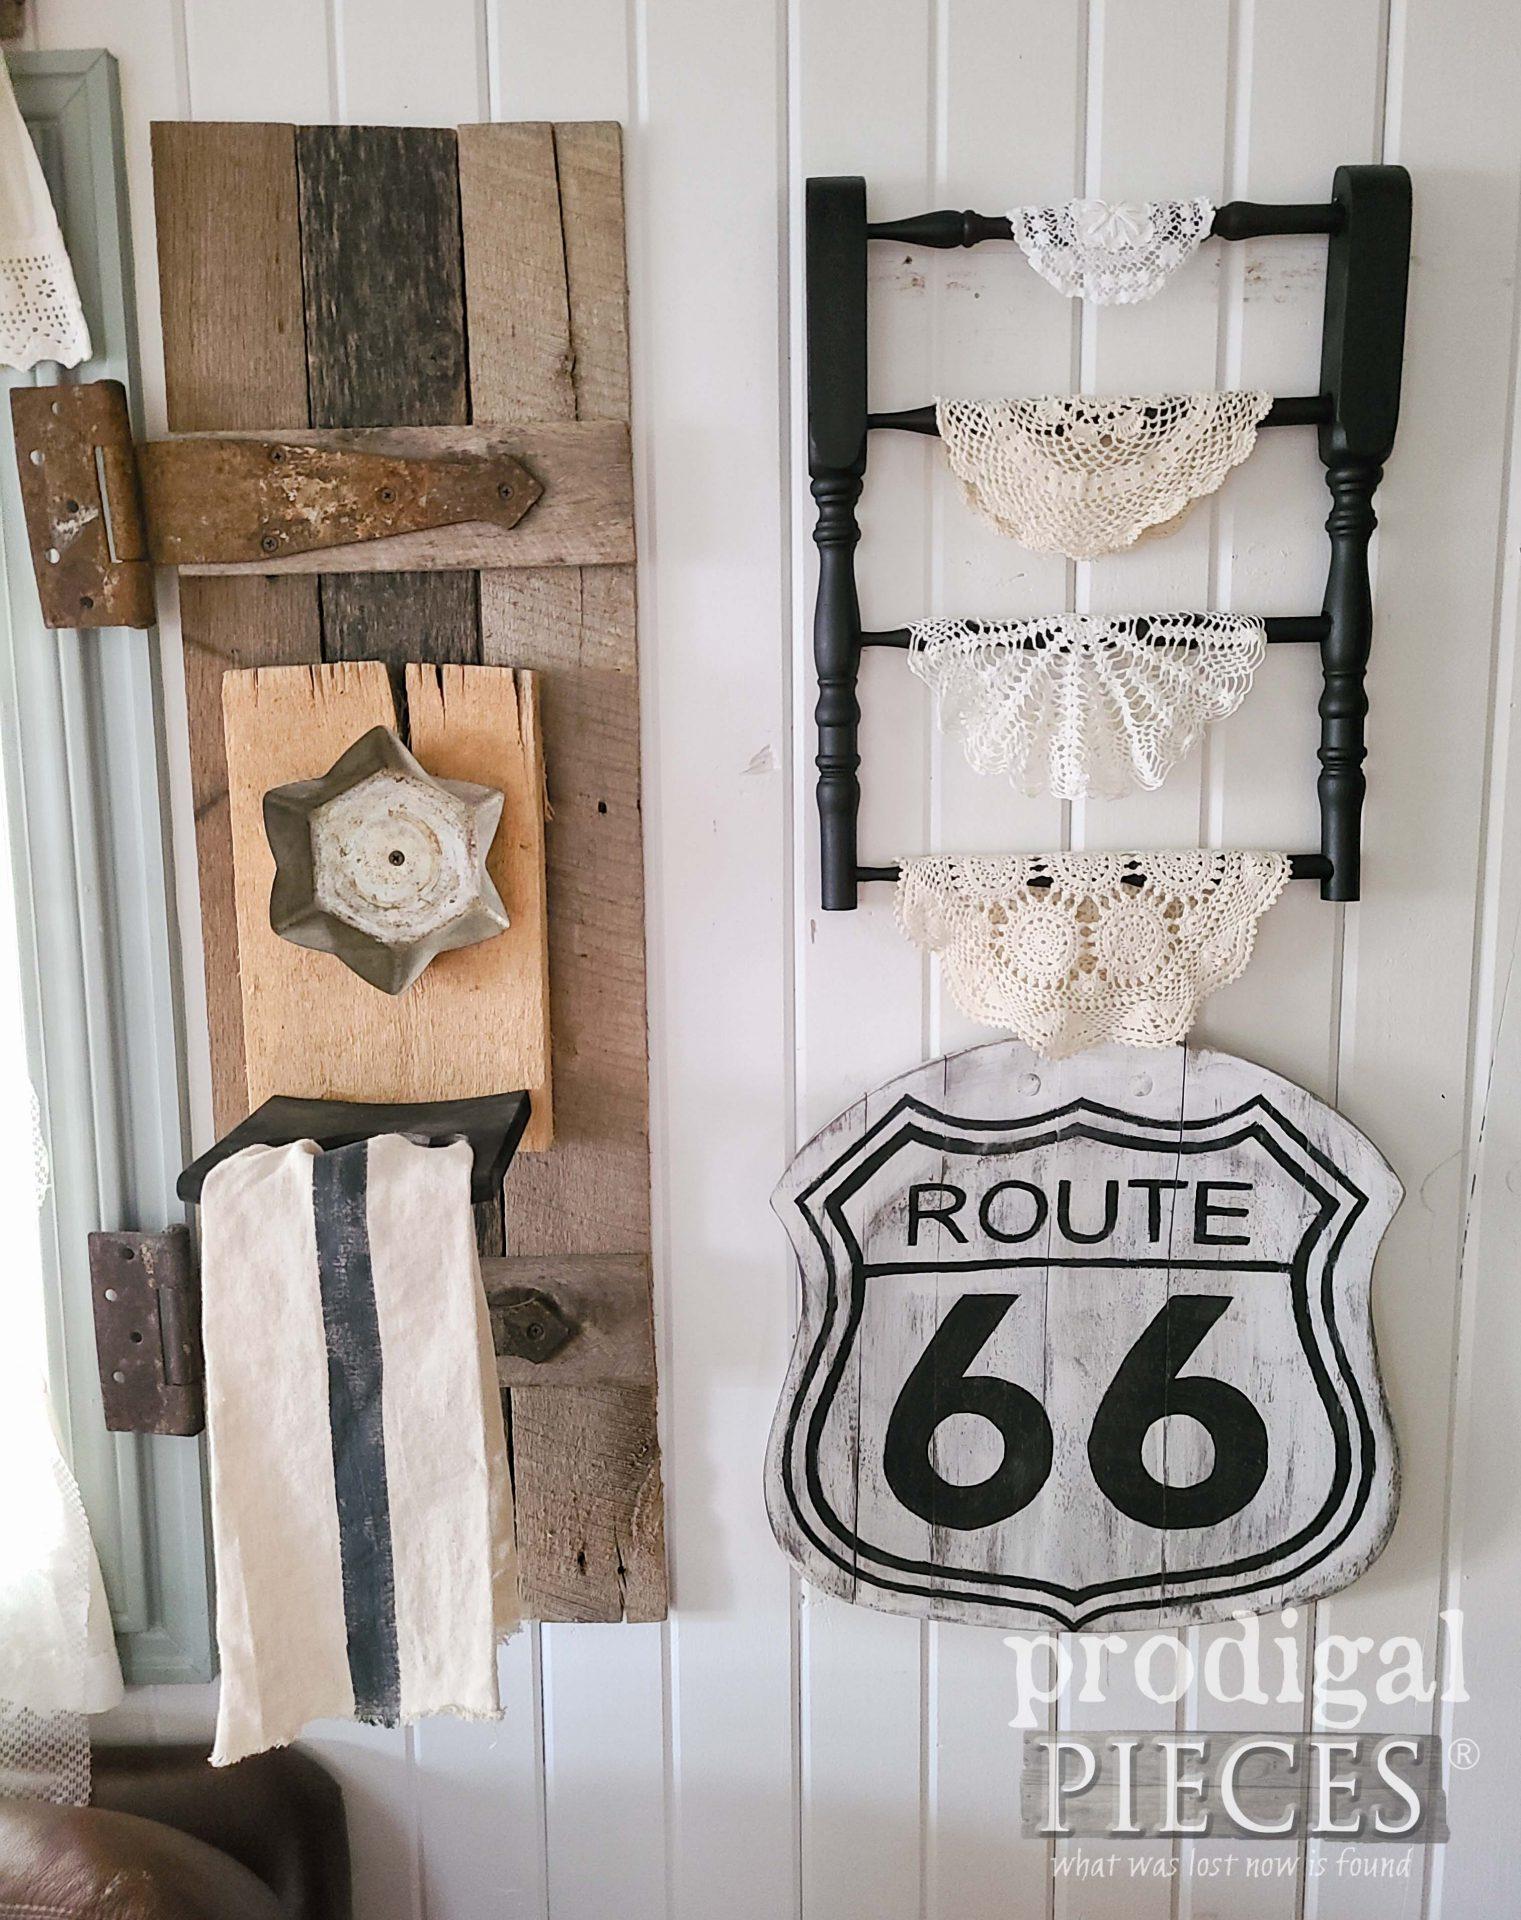 Handmade Farmhouse Decor by Larissa of Prodigal Pieces | prodigalpieces.com #prodigalpieces #home #farmhouse